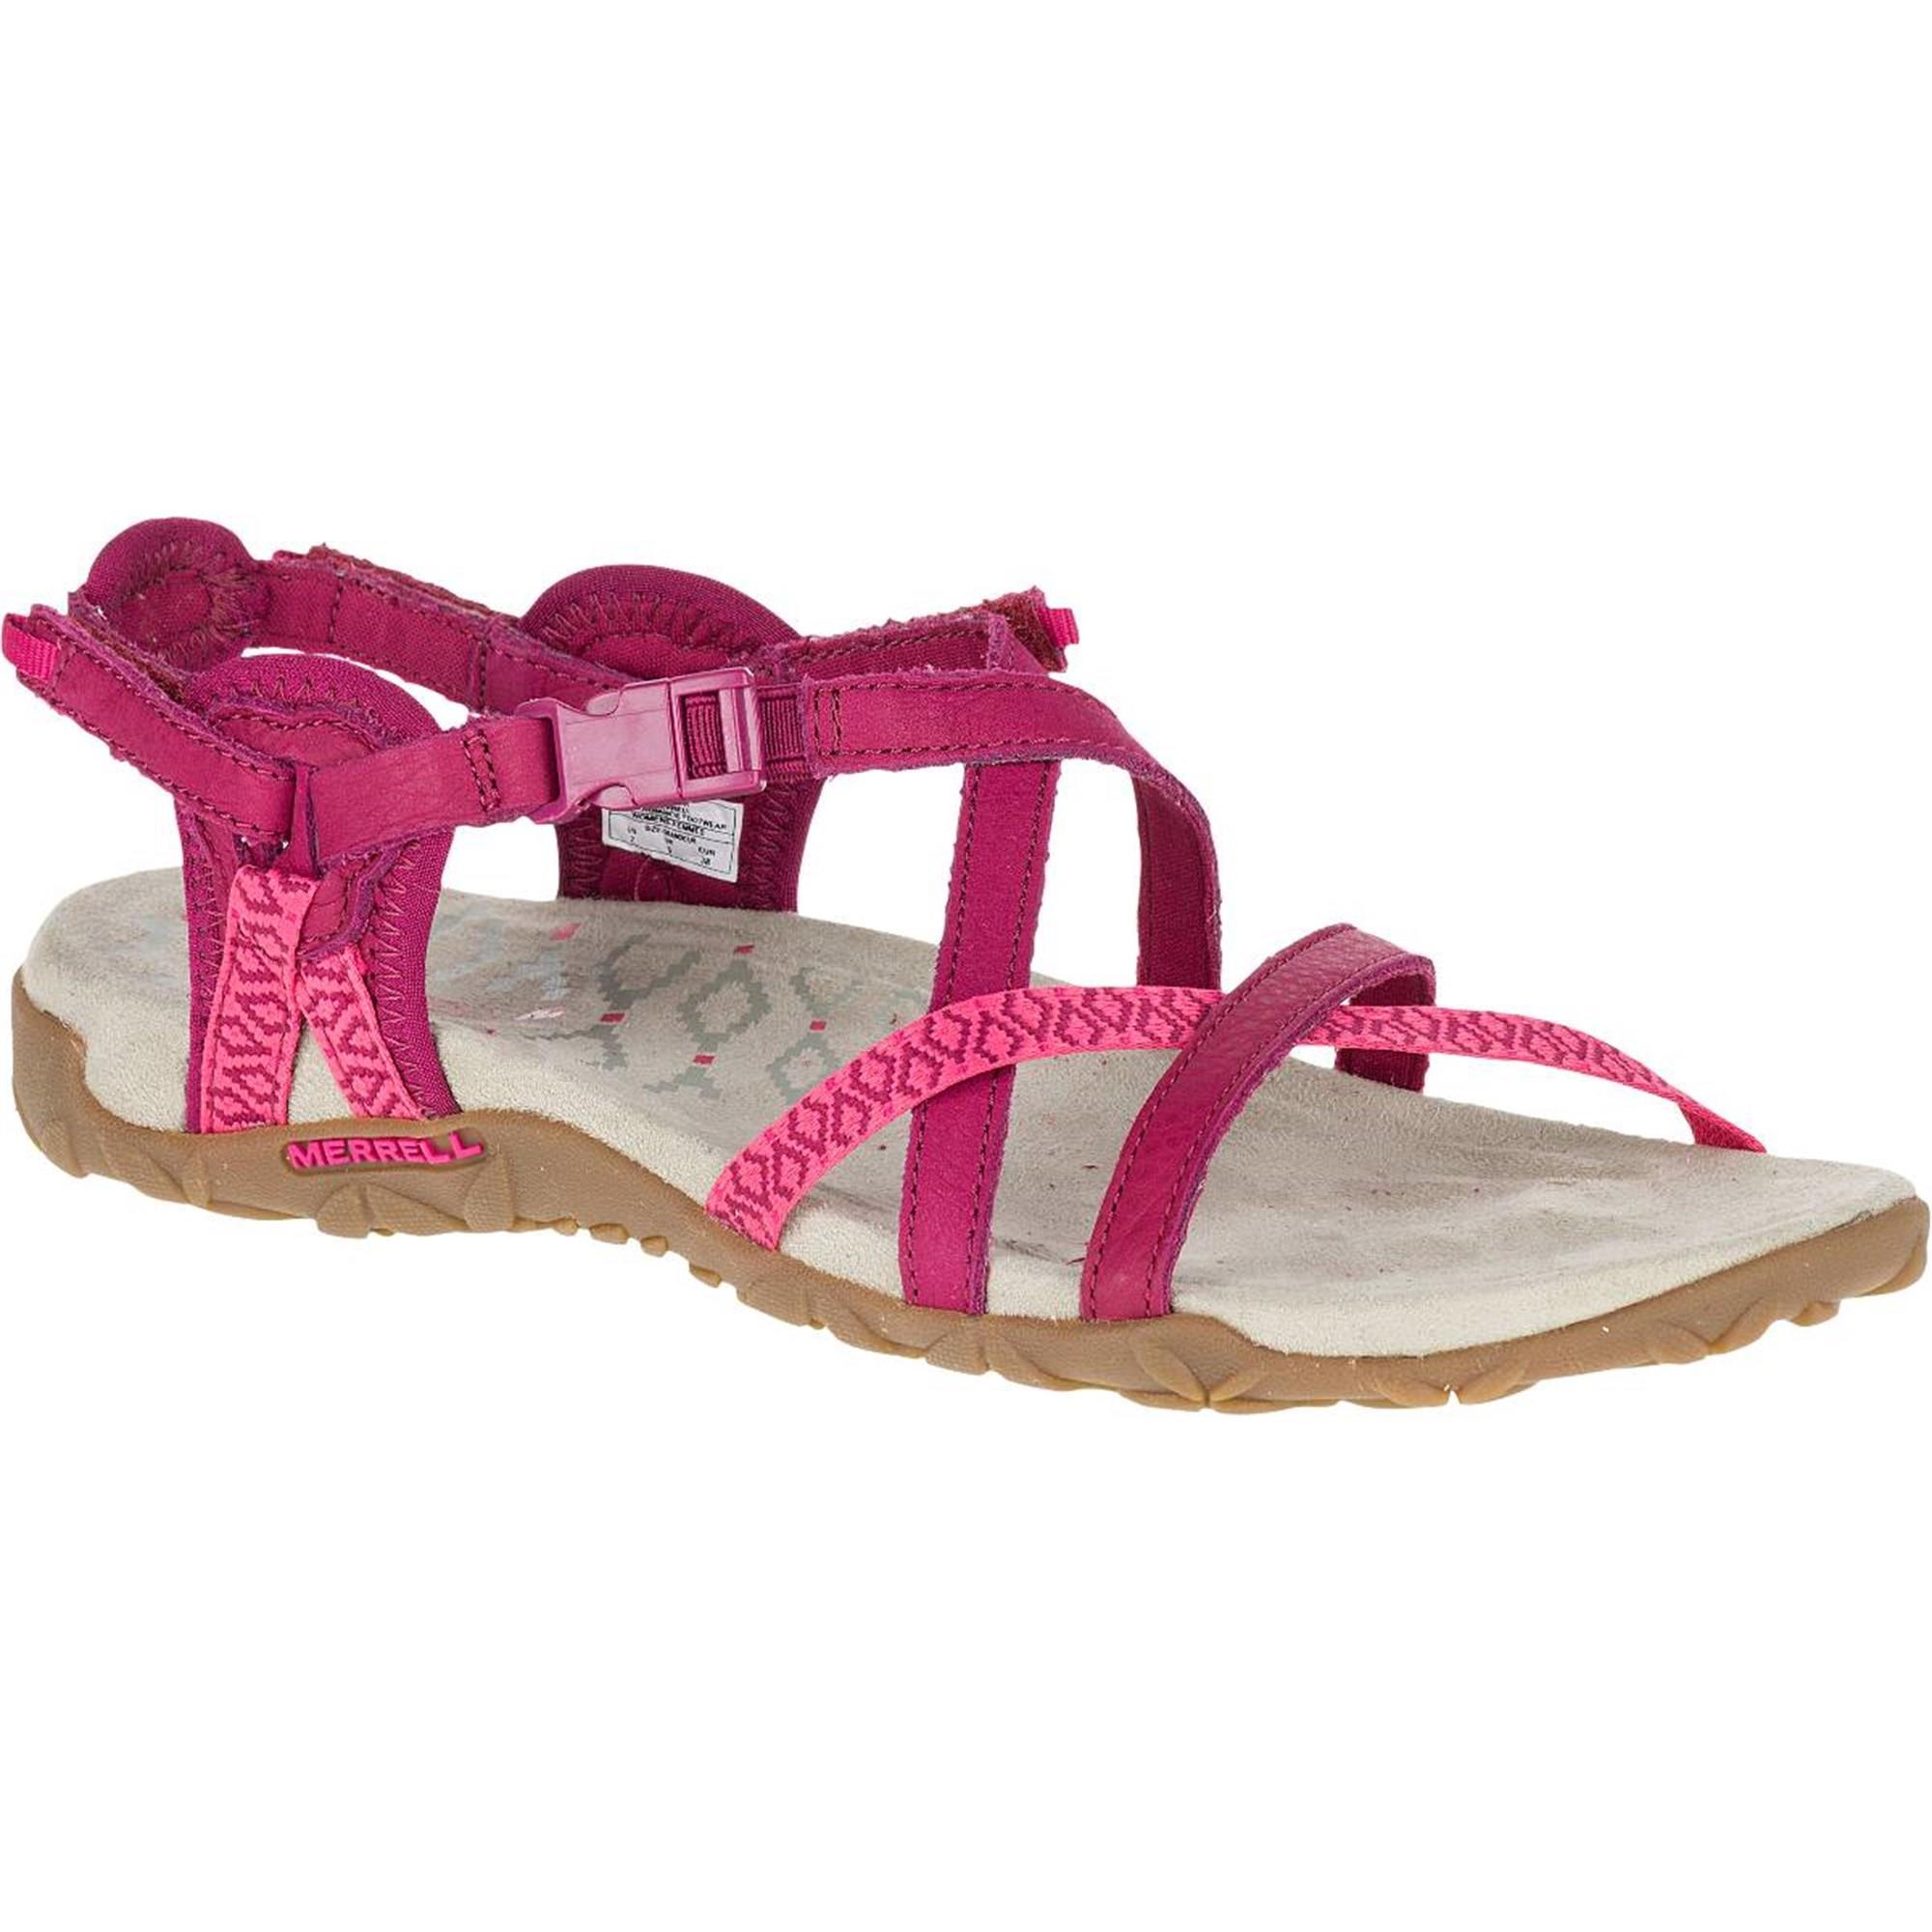 Merrell Terran Lattice 2 Kadın Sandalet J55310